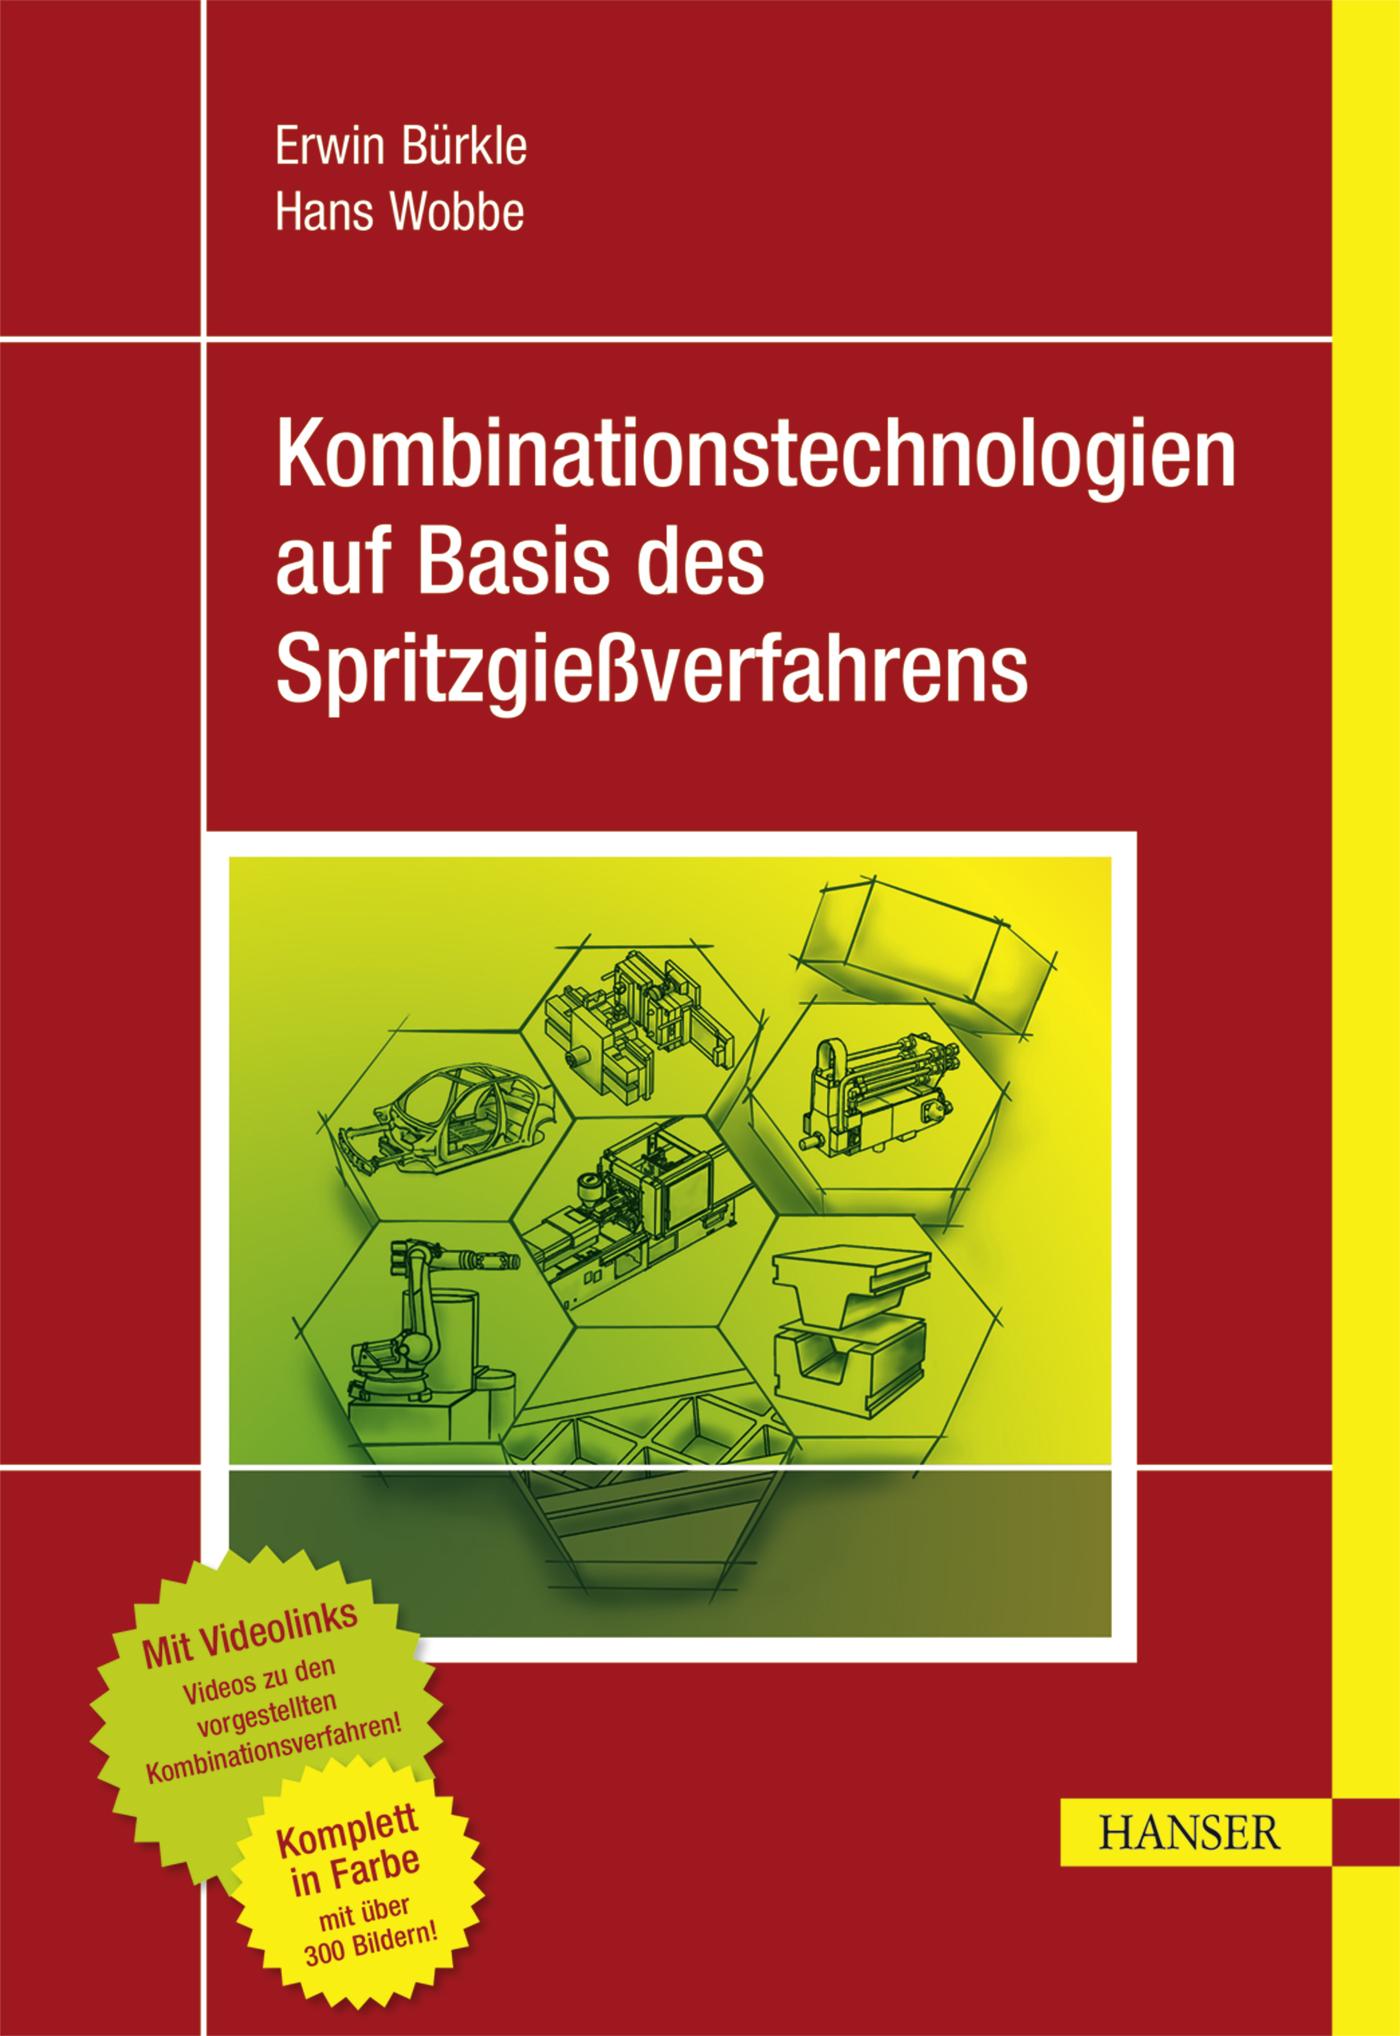 Bürkle, Wobbe, Kombinationstechnologien auf Basis des Spritzgießverfahrens, 978-3-446-44300-6